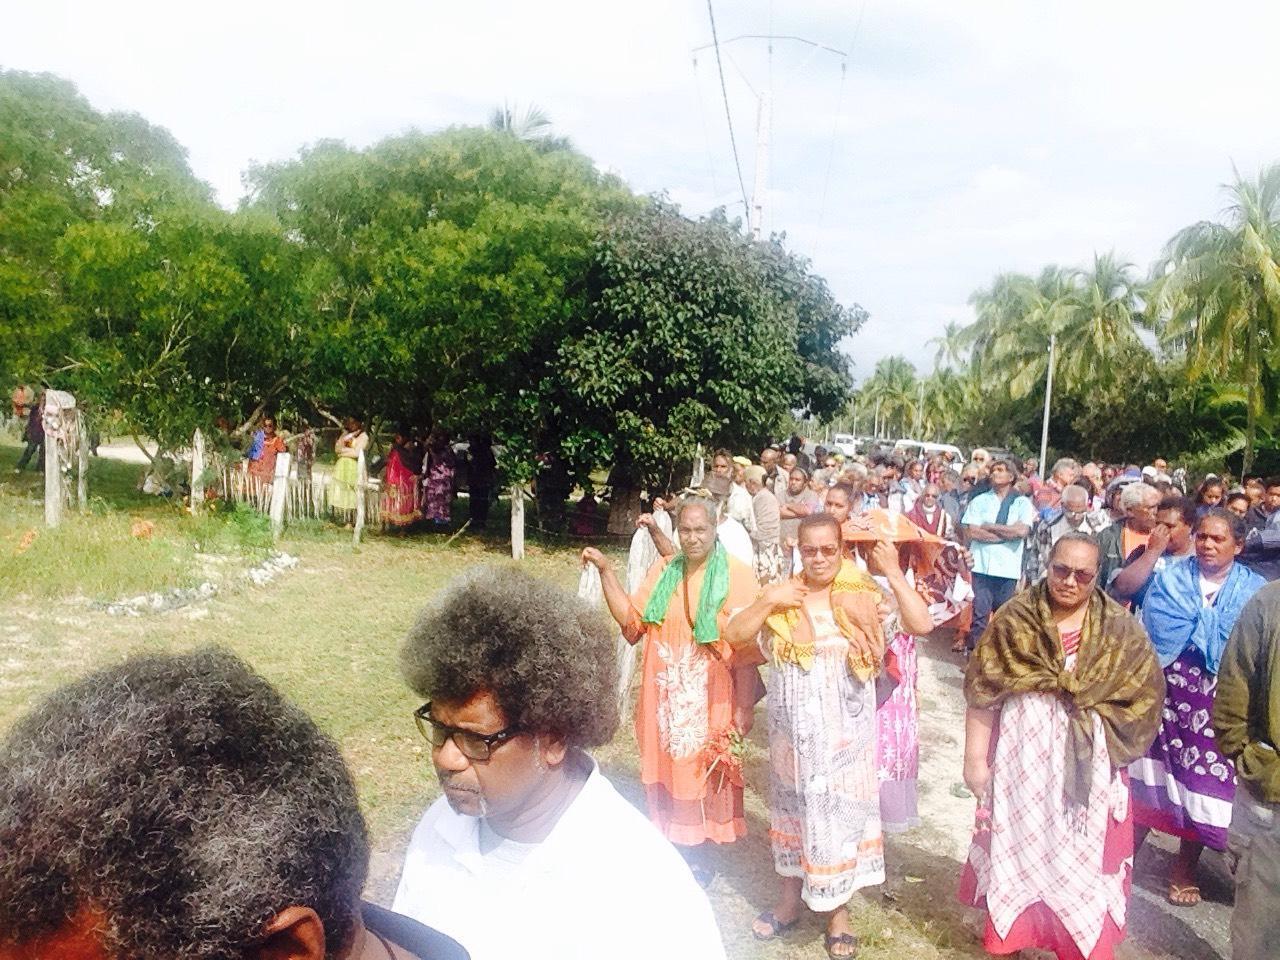 La famille, les amis venus de tout le pays pour les obsèques.